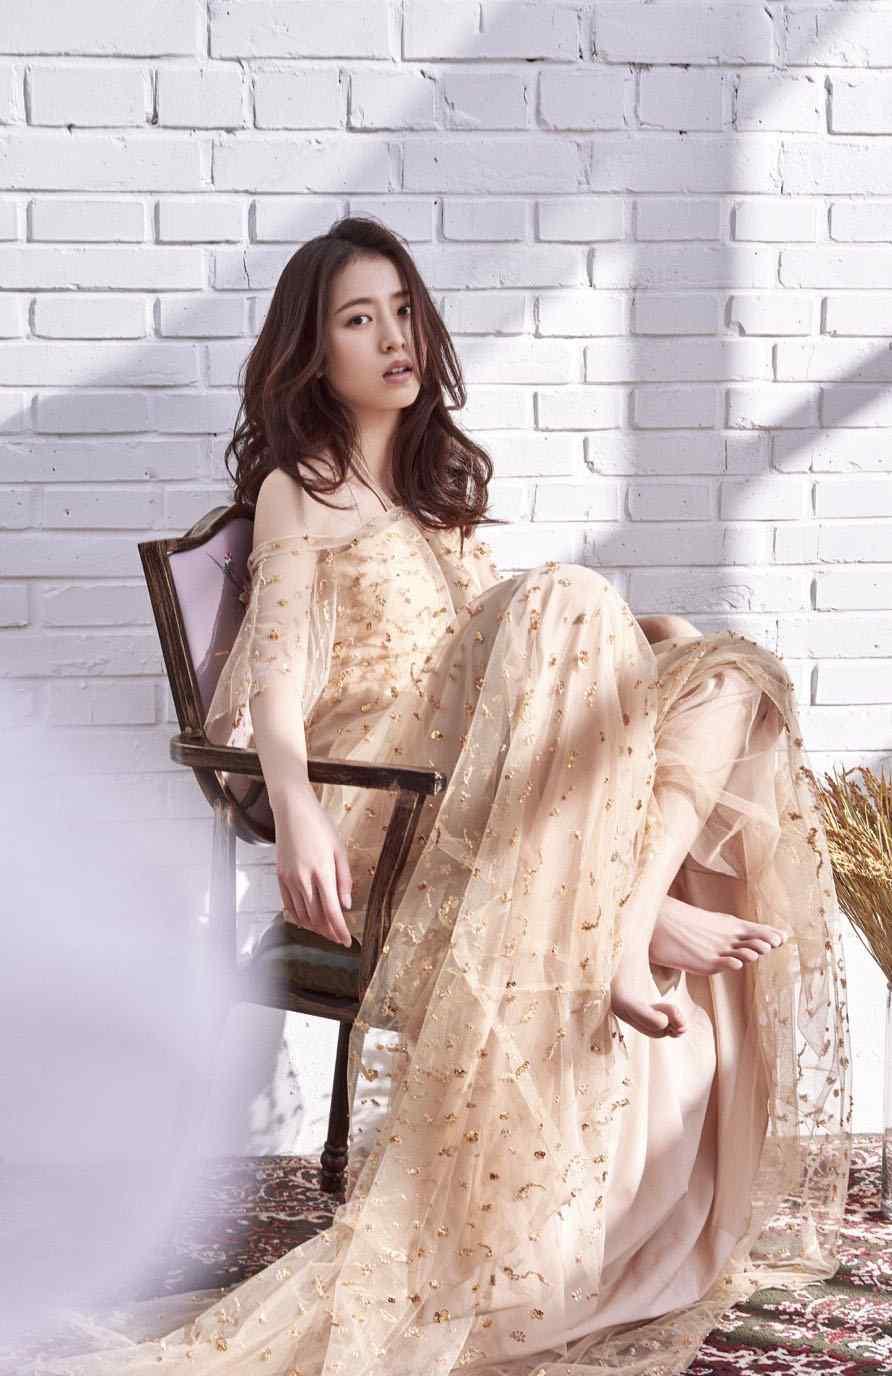 周雨彤优雅长裙迷人写真图片